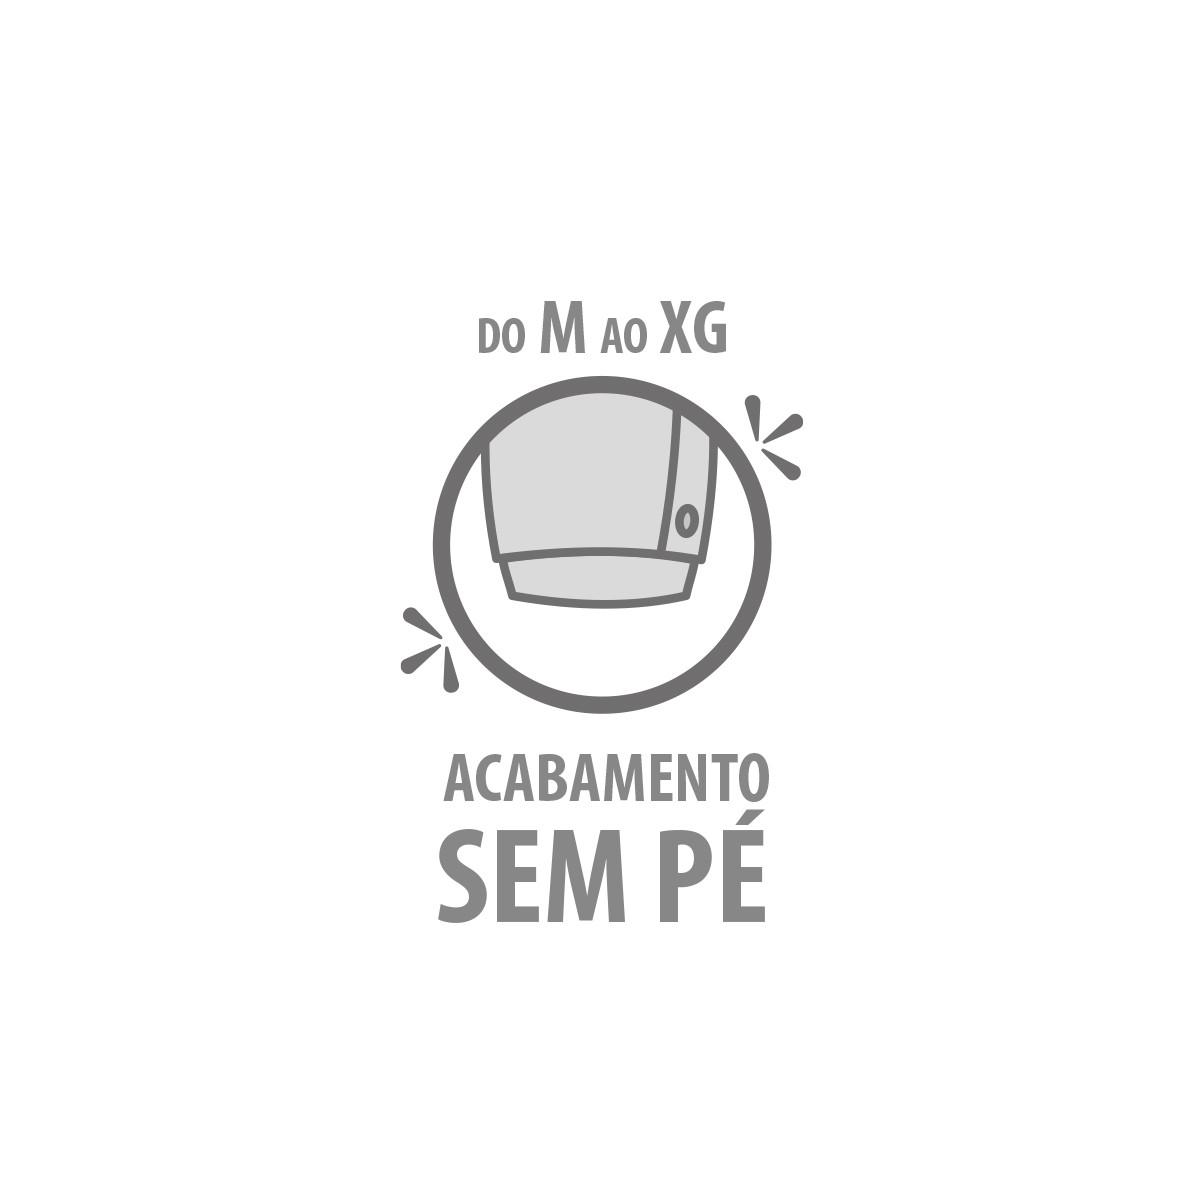 Macacão Zíper Passarinhos - Tamanhos RN e P com pezinho; M, G e XG sem pezinho  - Piu Blu